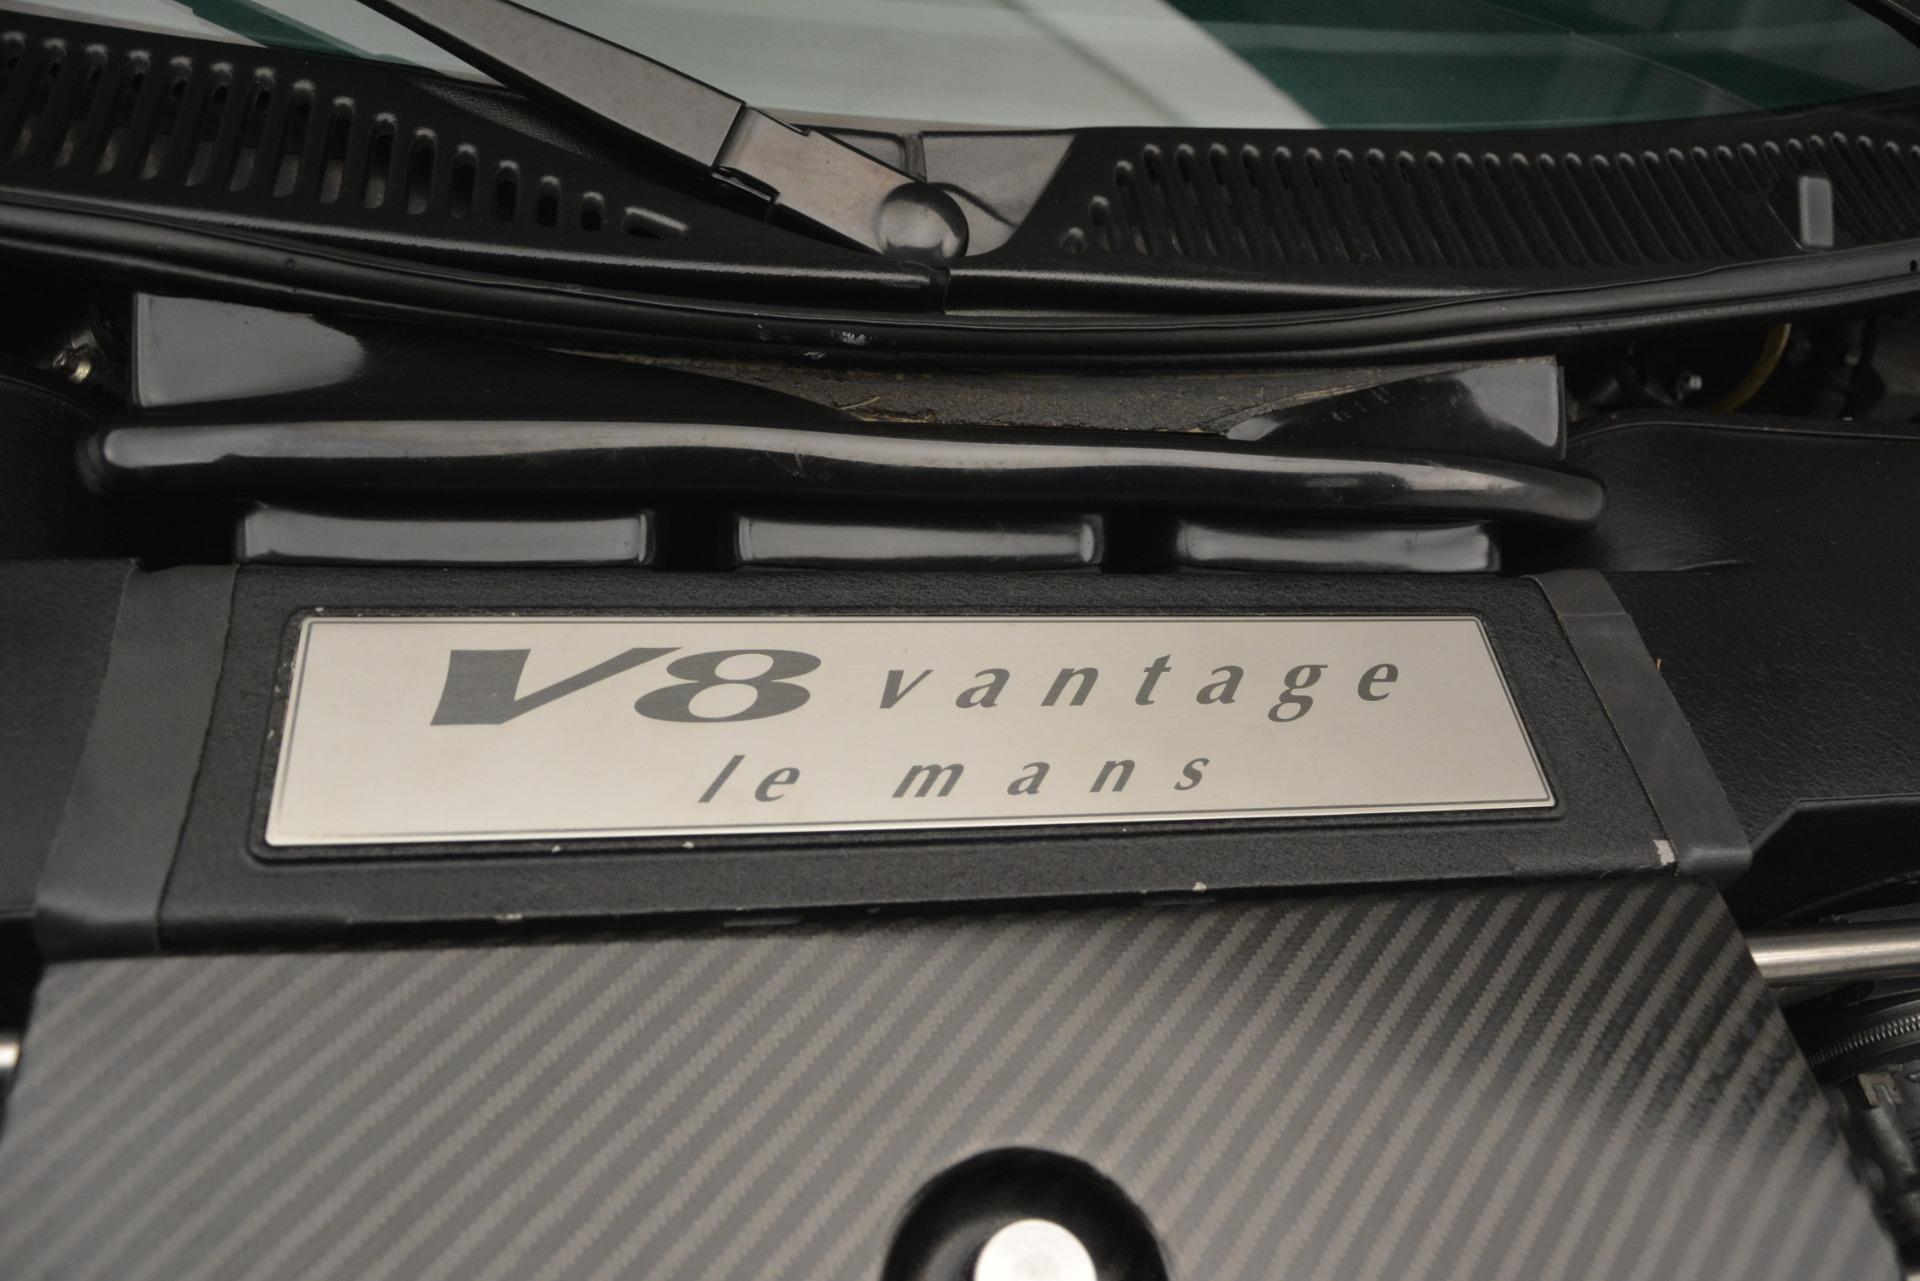 Used 1999 Aston Martin V8 Vantage Le Mans V600  For Sale In Westport, CT 2789_p33